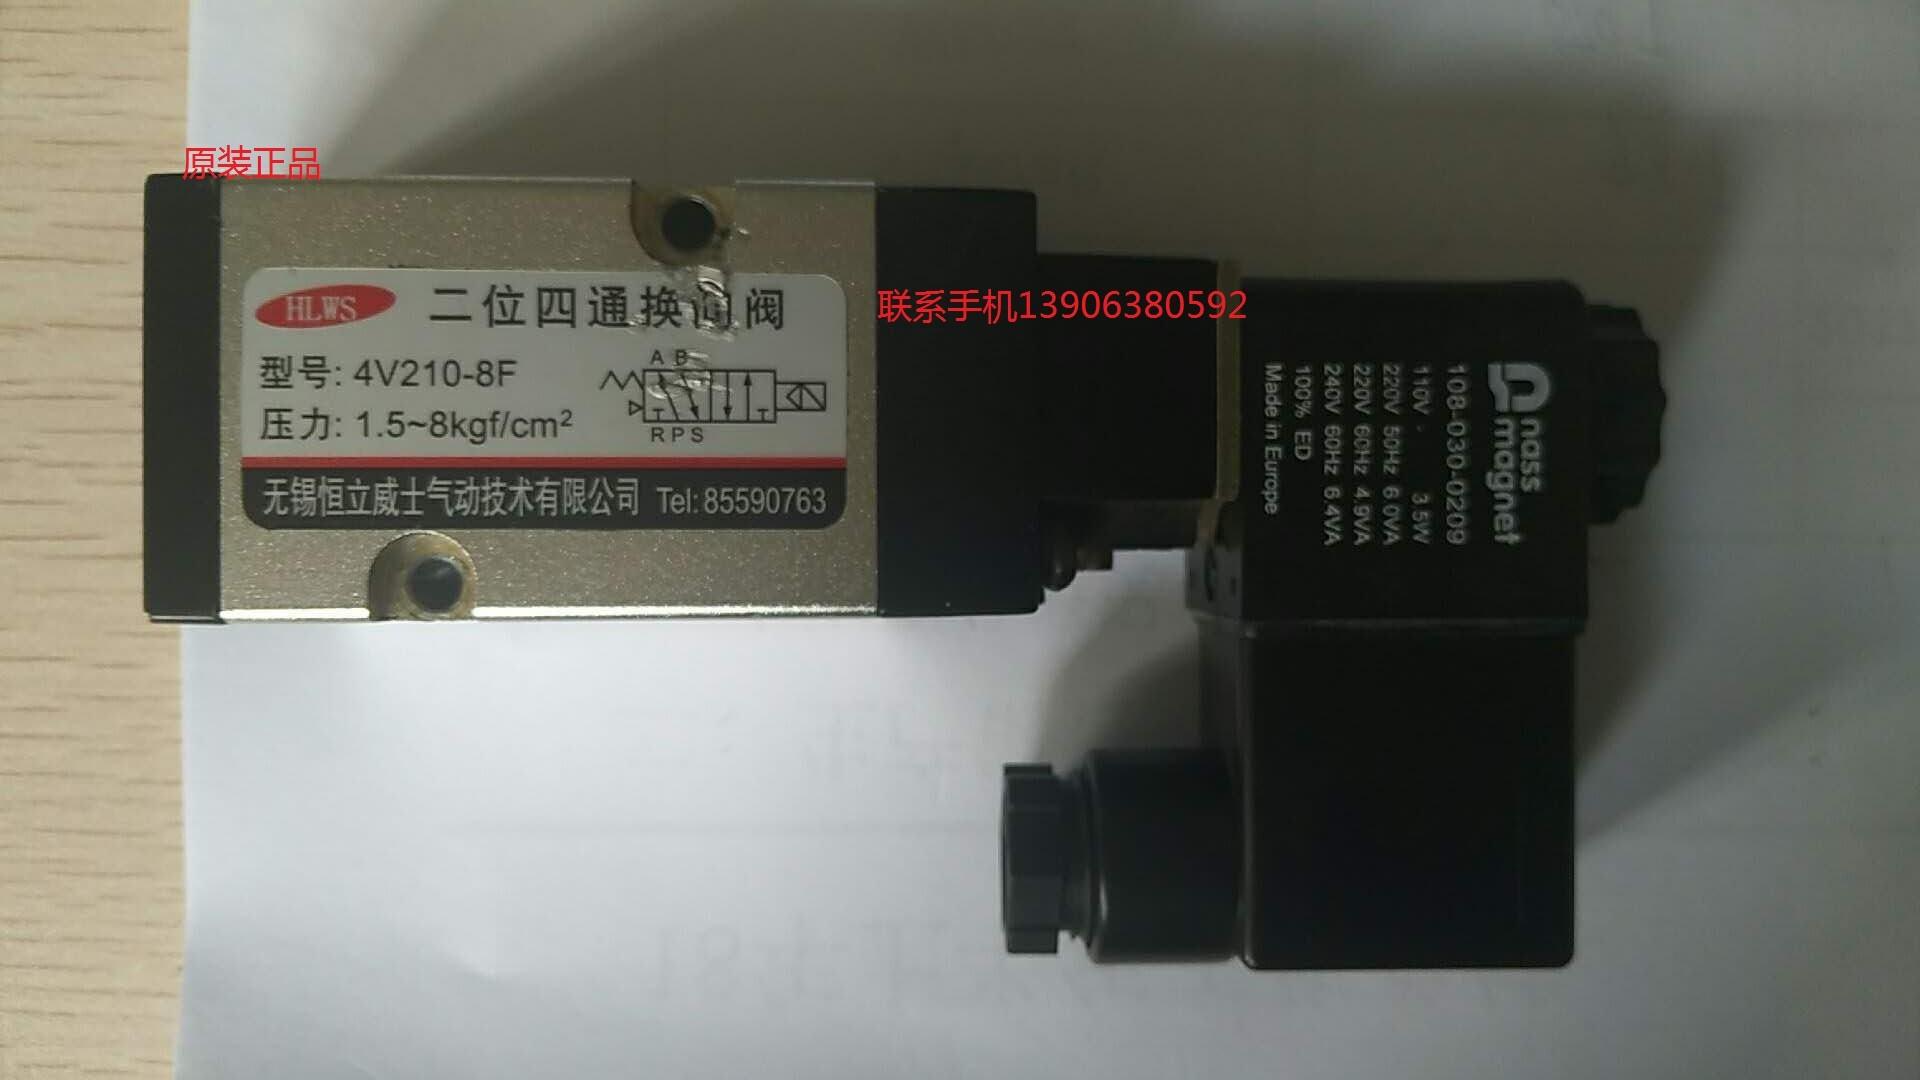 无锡恒立二位四通换向阀4V210-08F 电磁阀原装